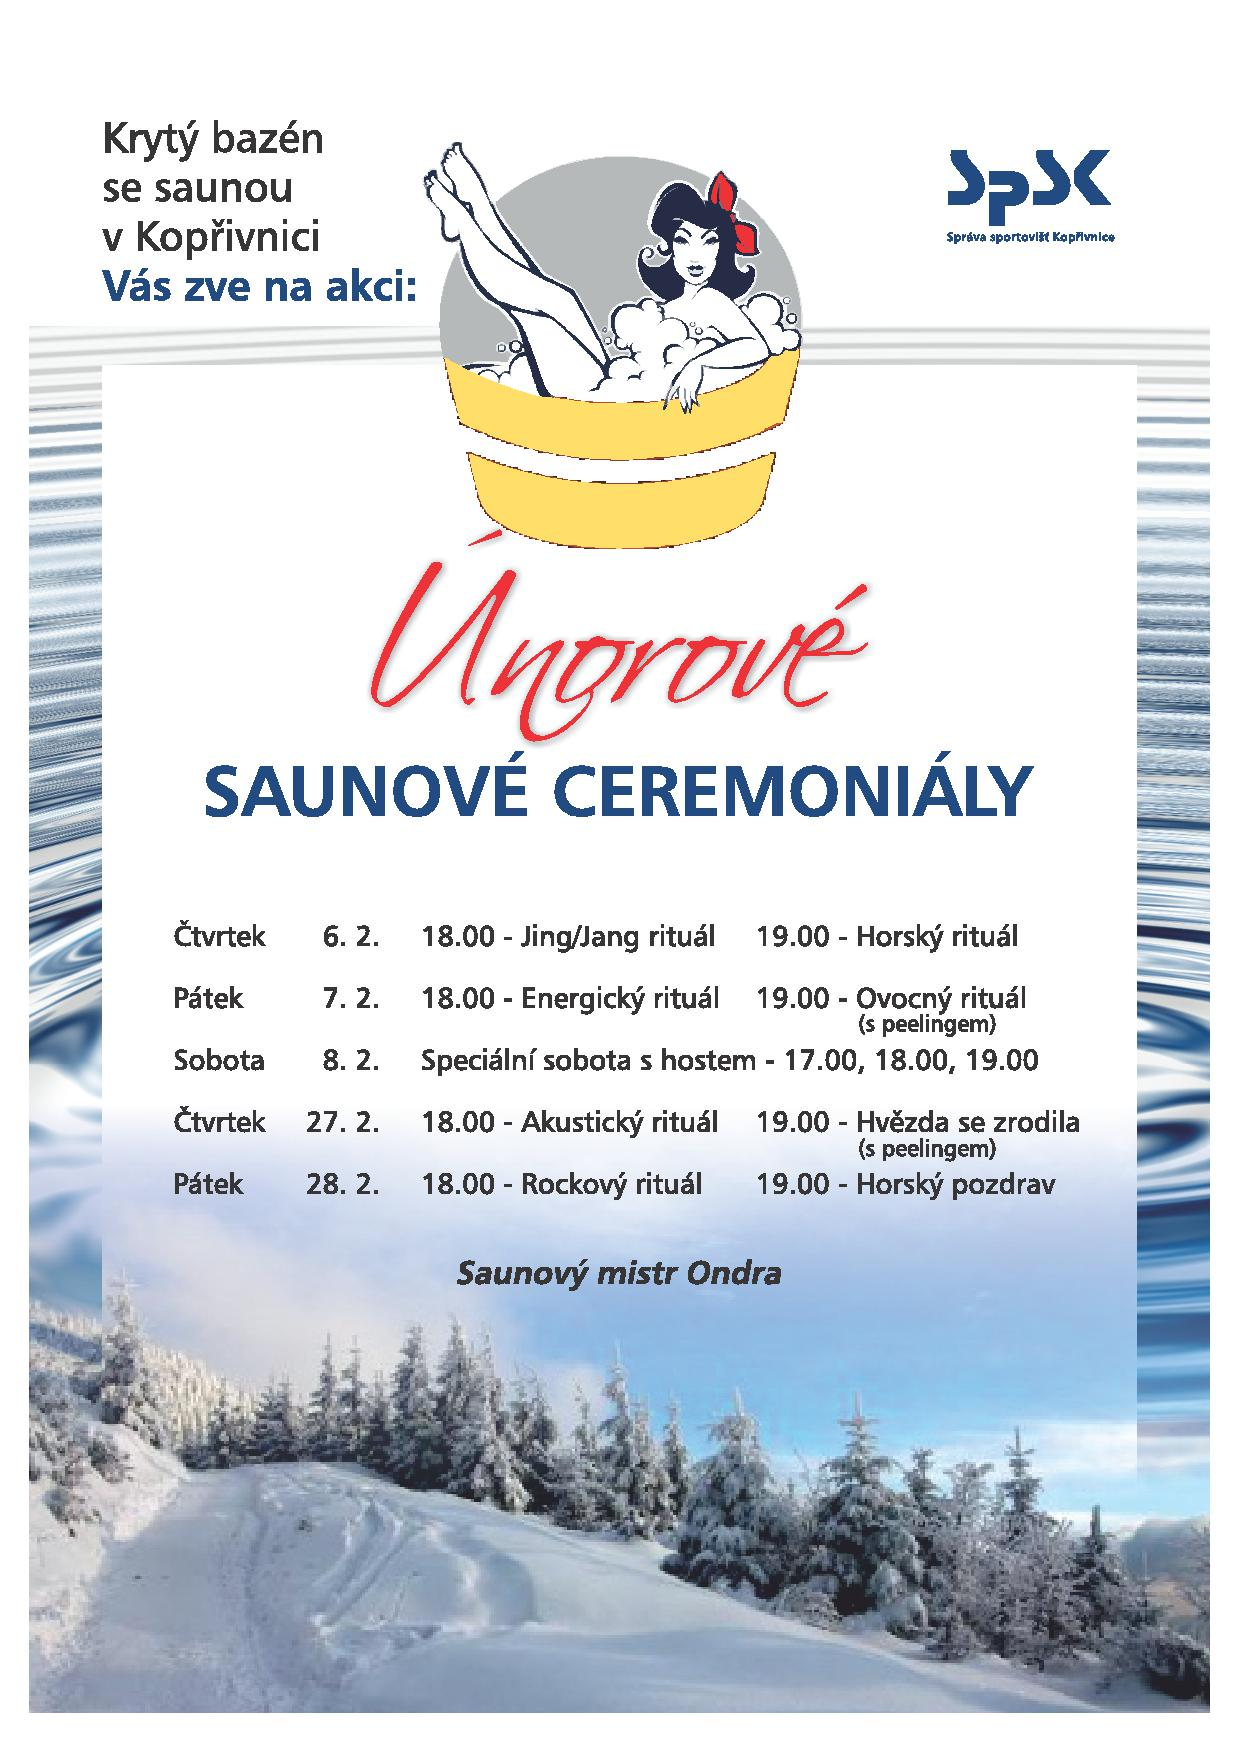 Únorové saunové ceremoniály - plakát